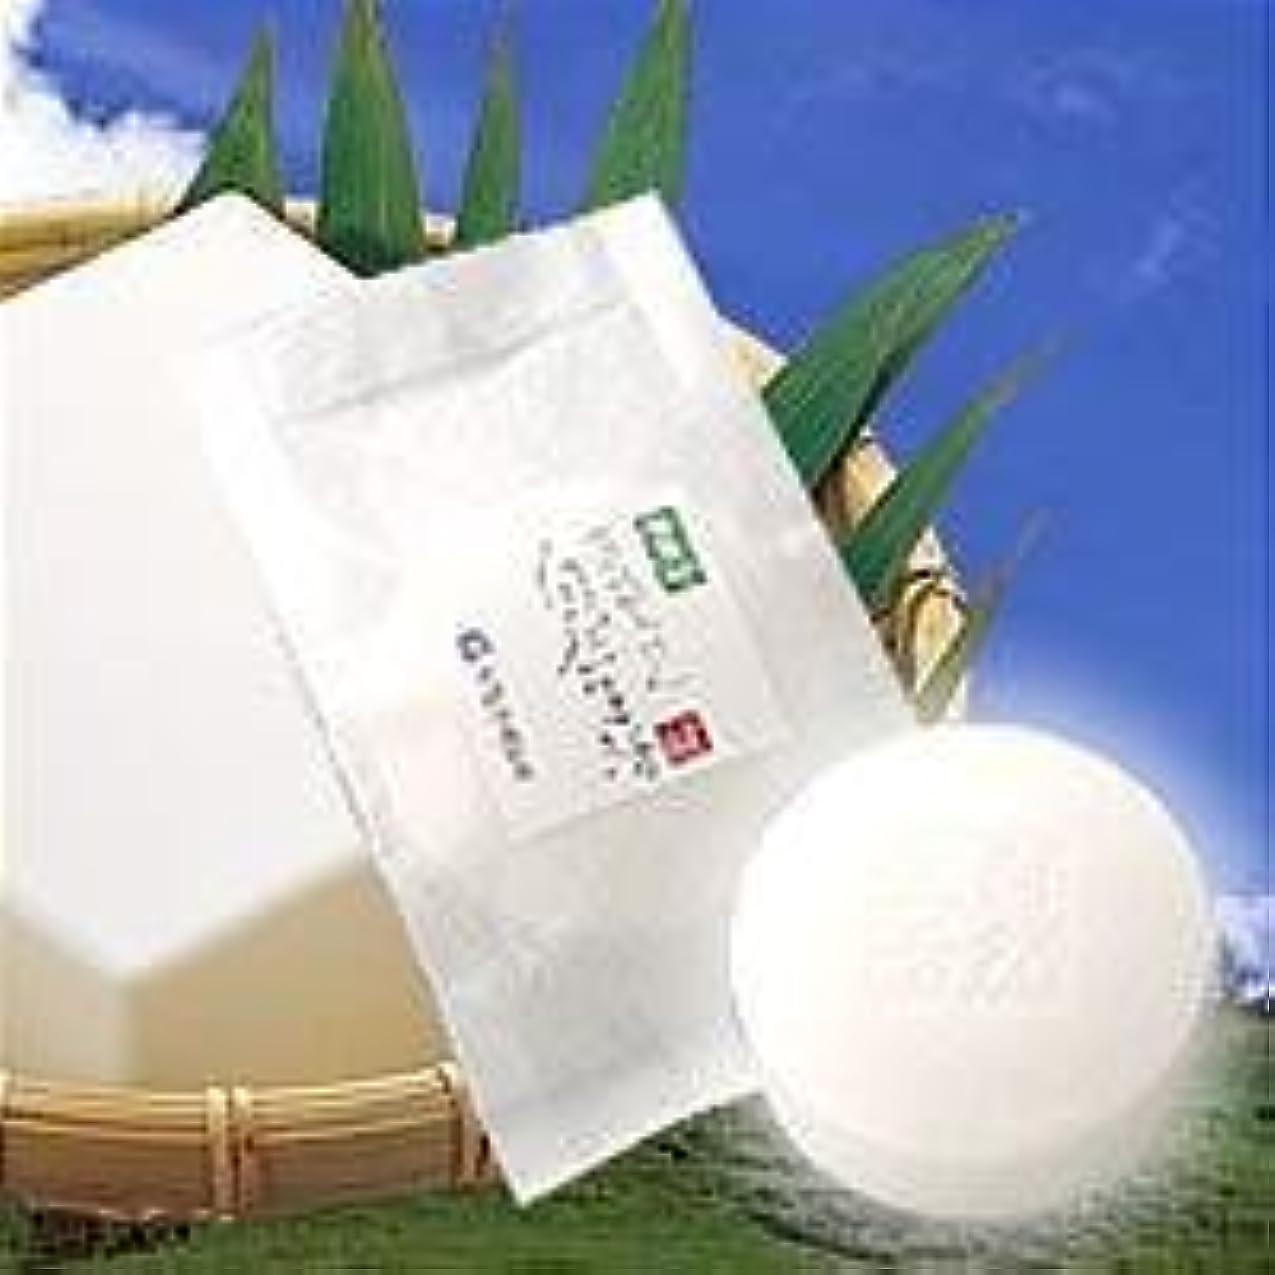 作り上げるチャップ西部豆腐の盛田屋 豆乳せっけん 自然生活